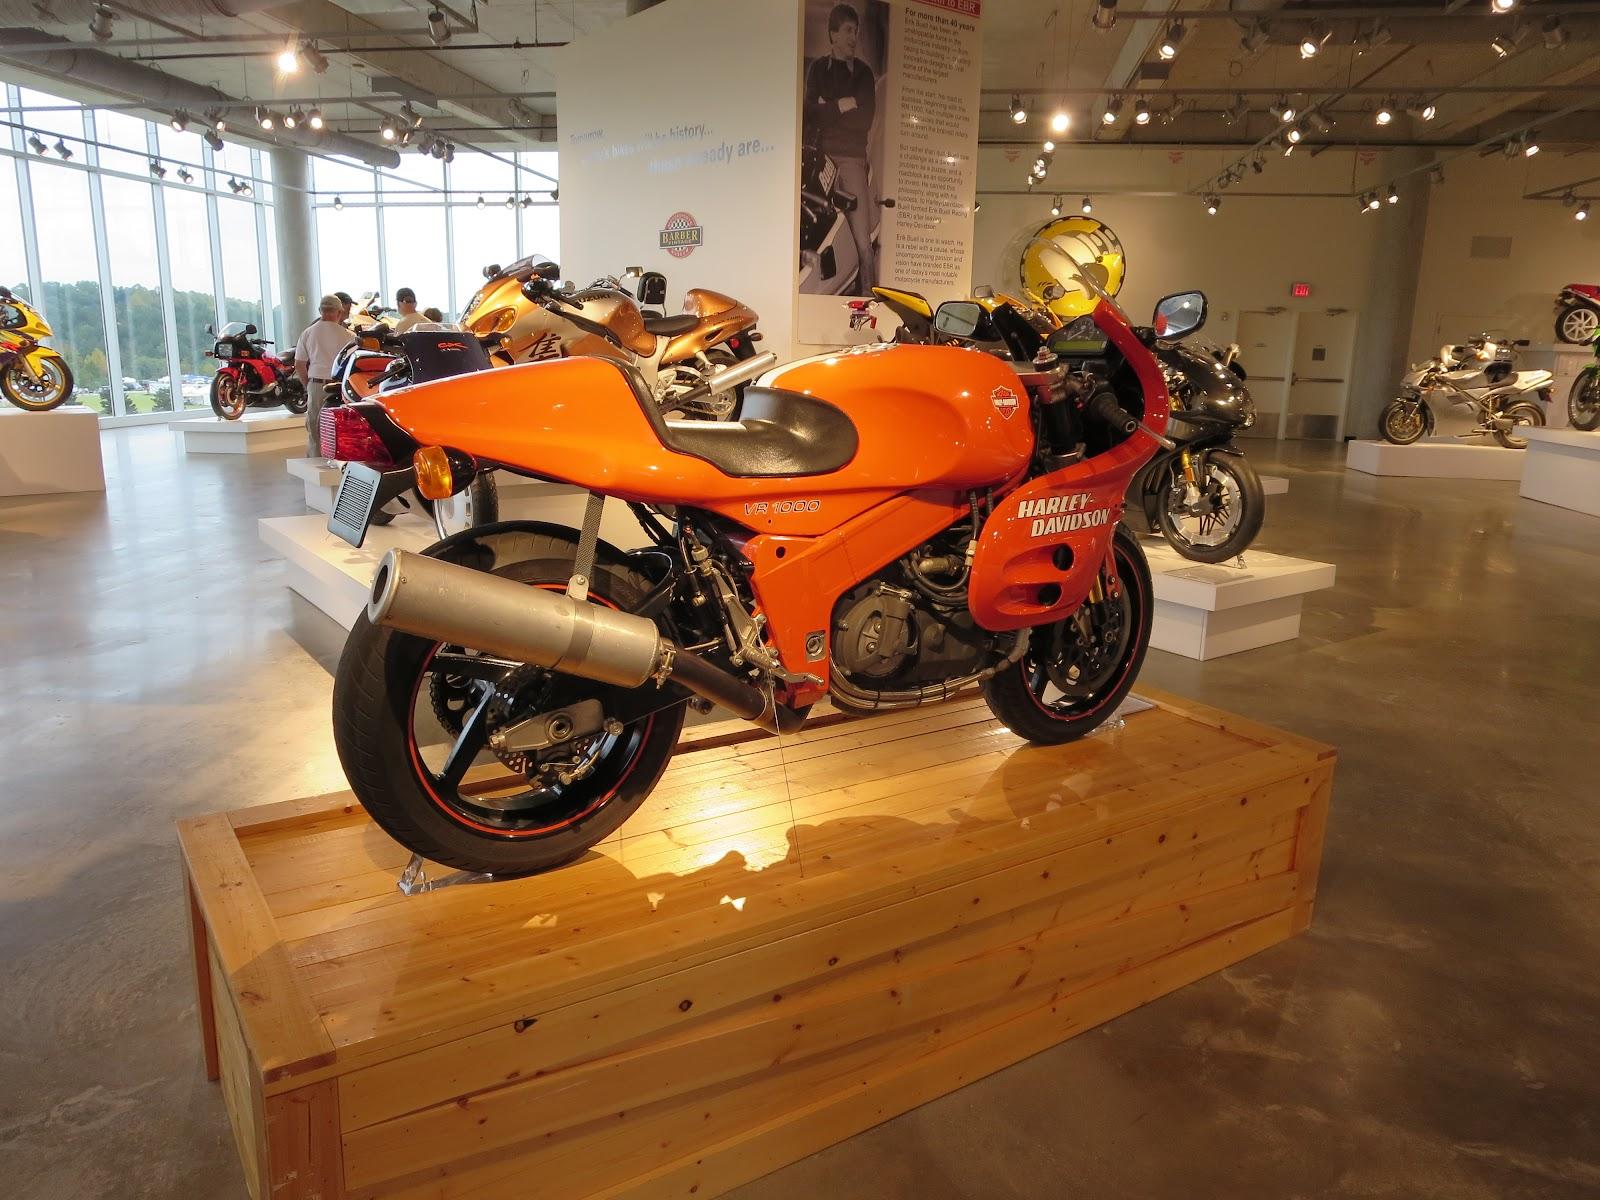 Продажа мототехники Мотоциклы, мокики, скутеры на JcMoto.ru